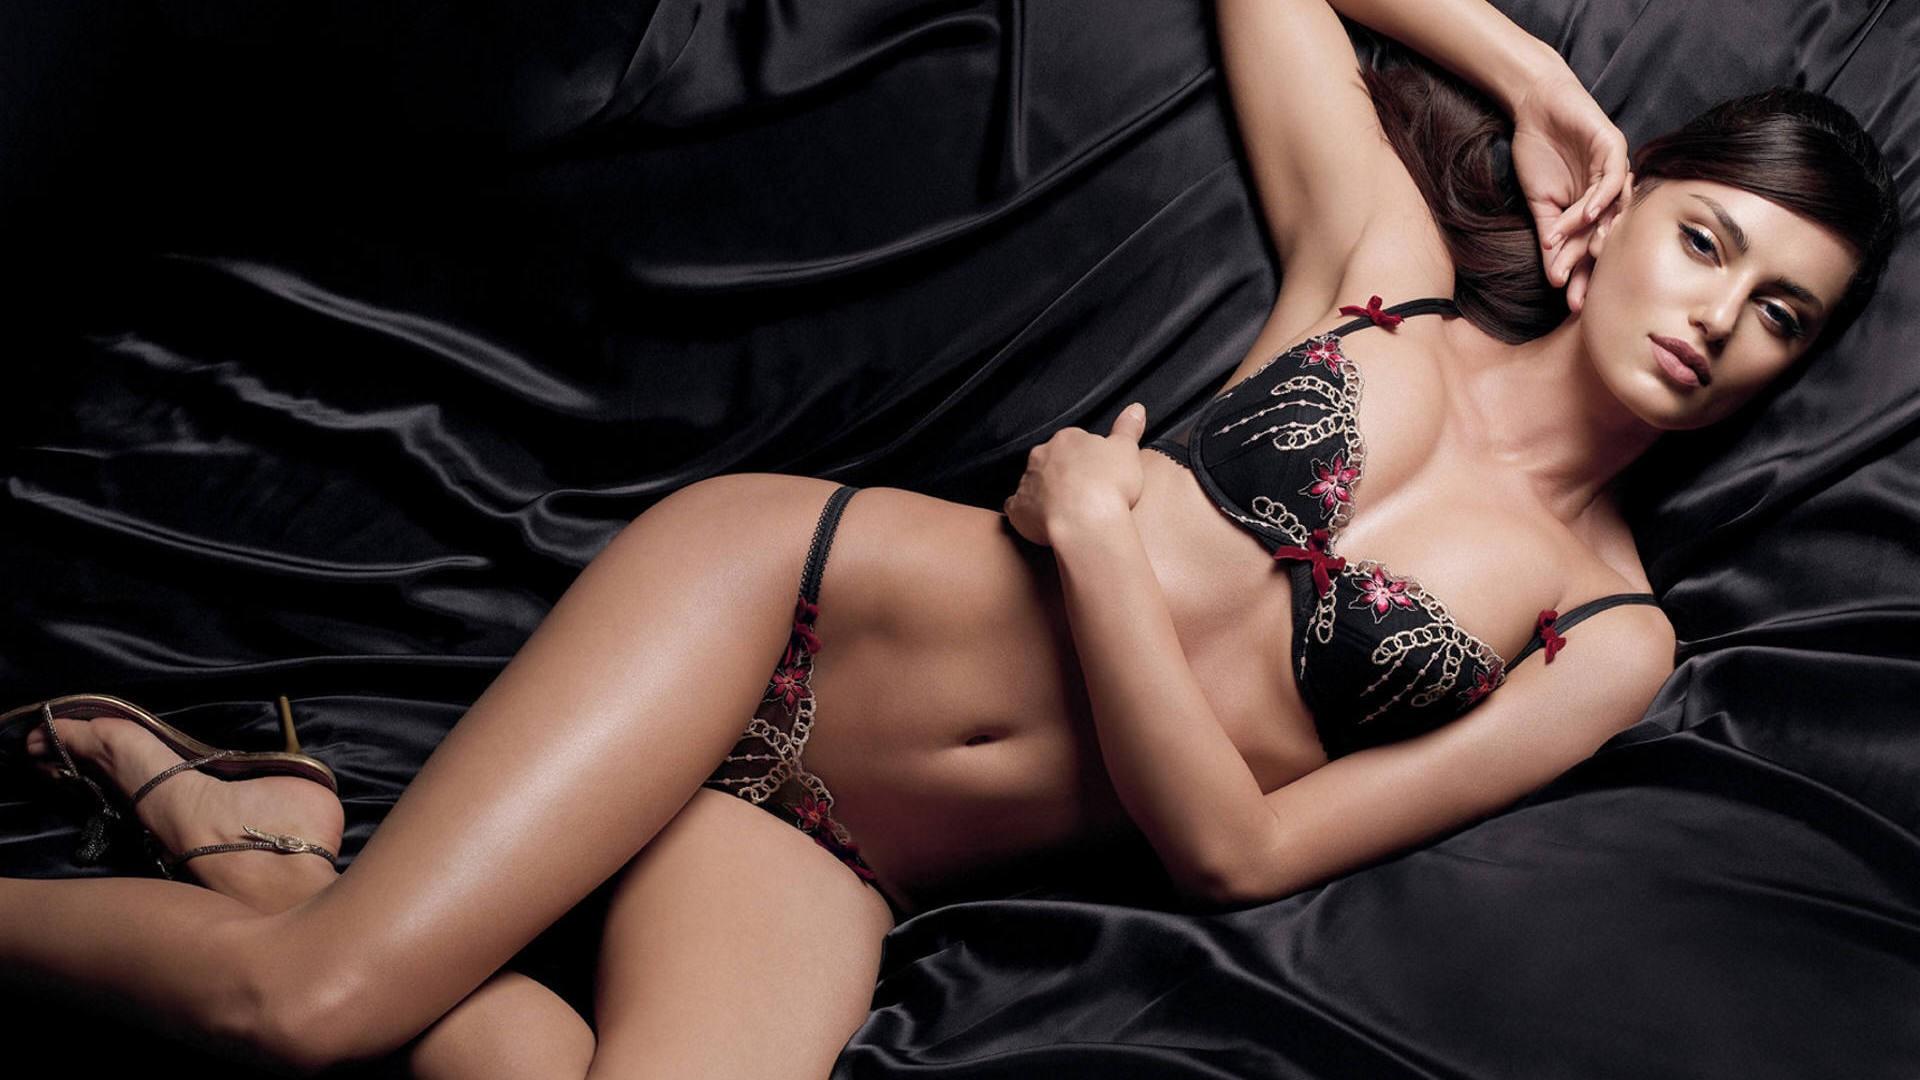 Порно новые сексуальные картинки